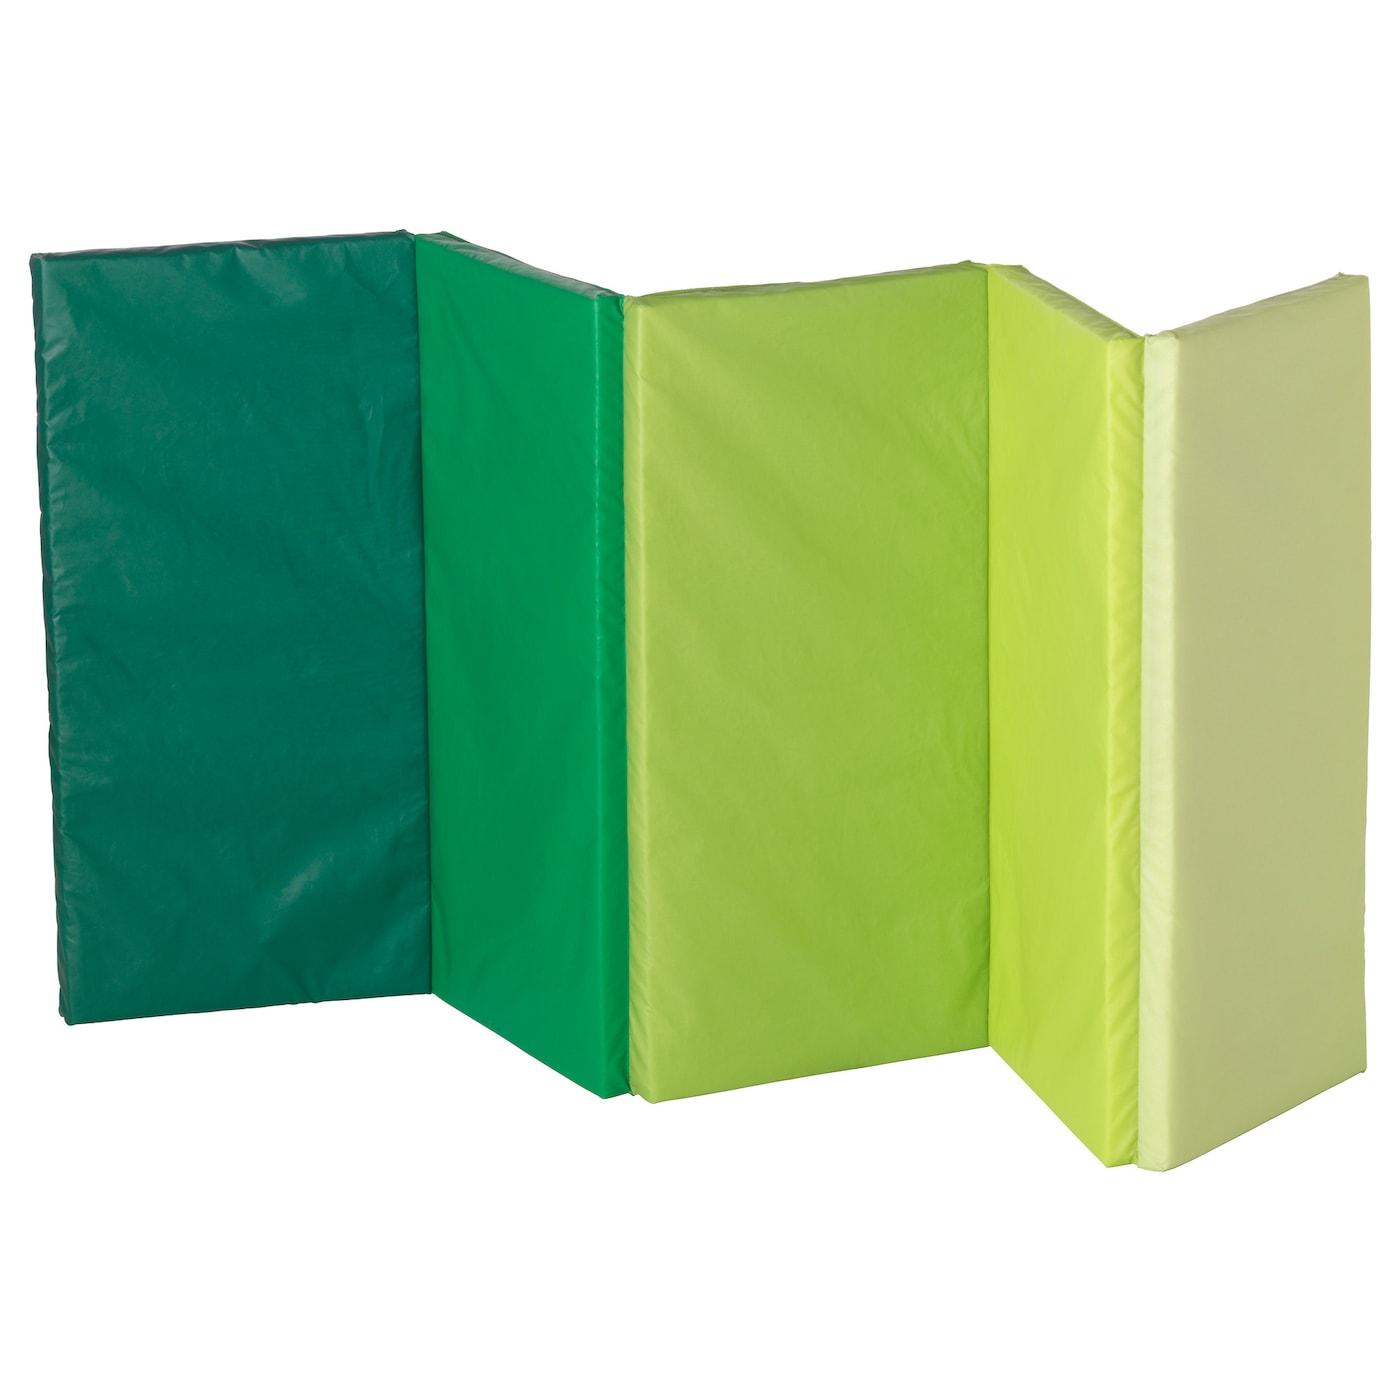 Plufsig Gymnastiekmat Opvouwbaar Groen 78 X 185 Cm Ikea